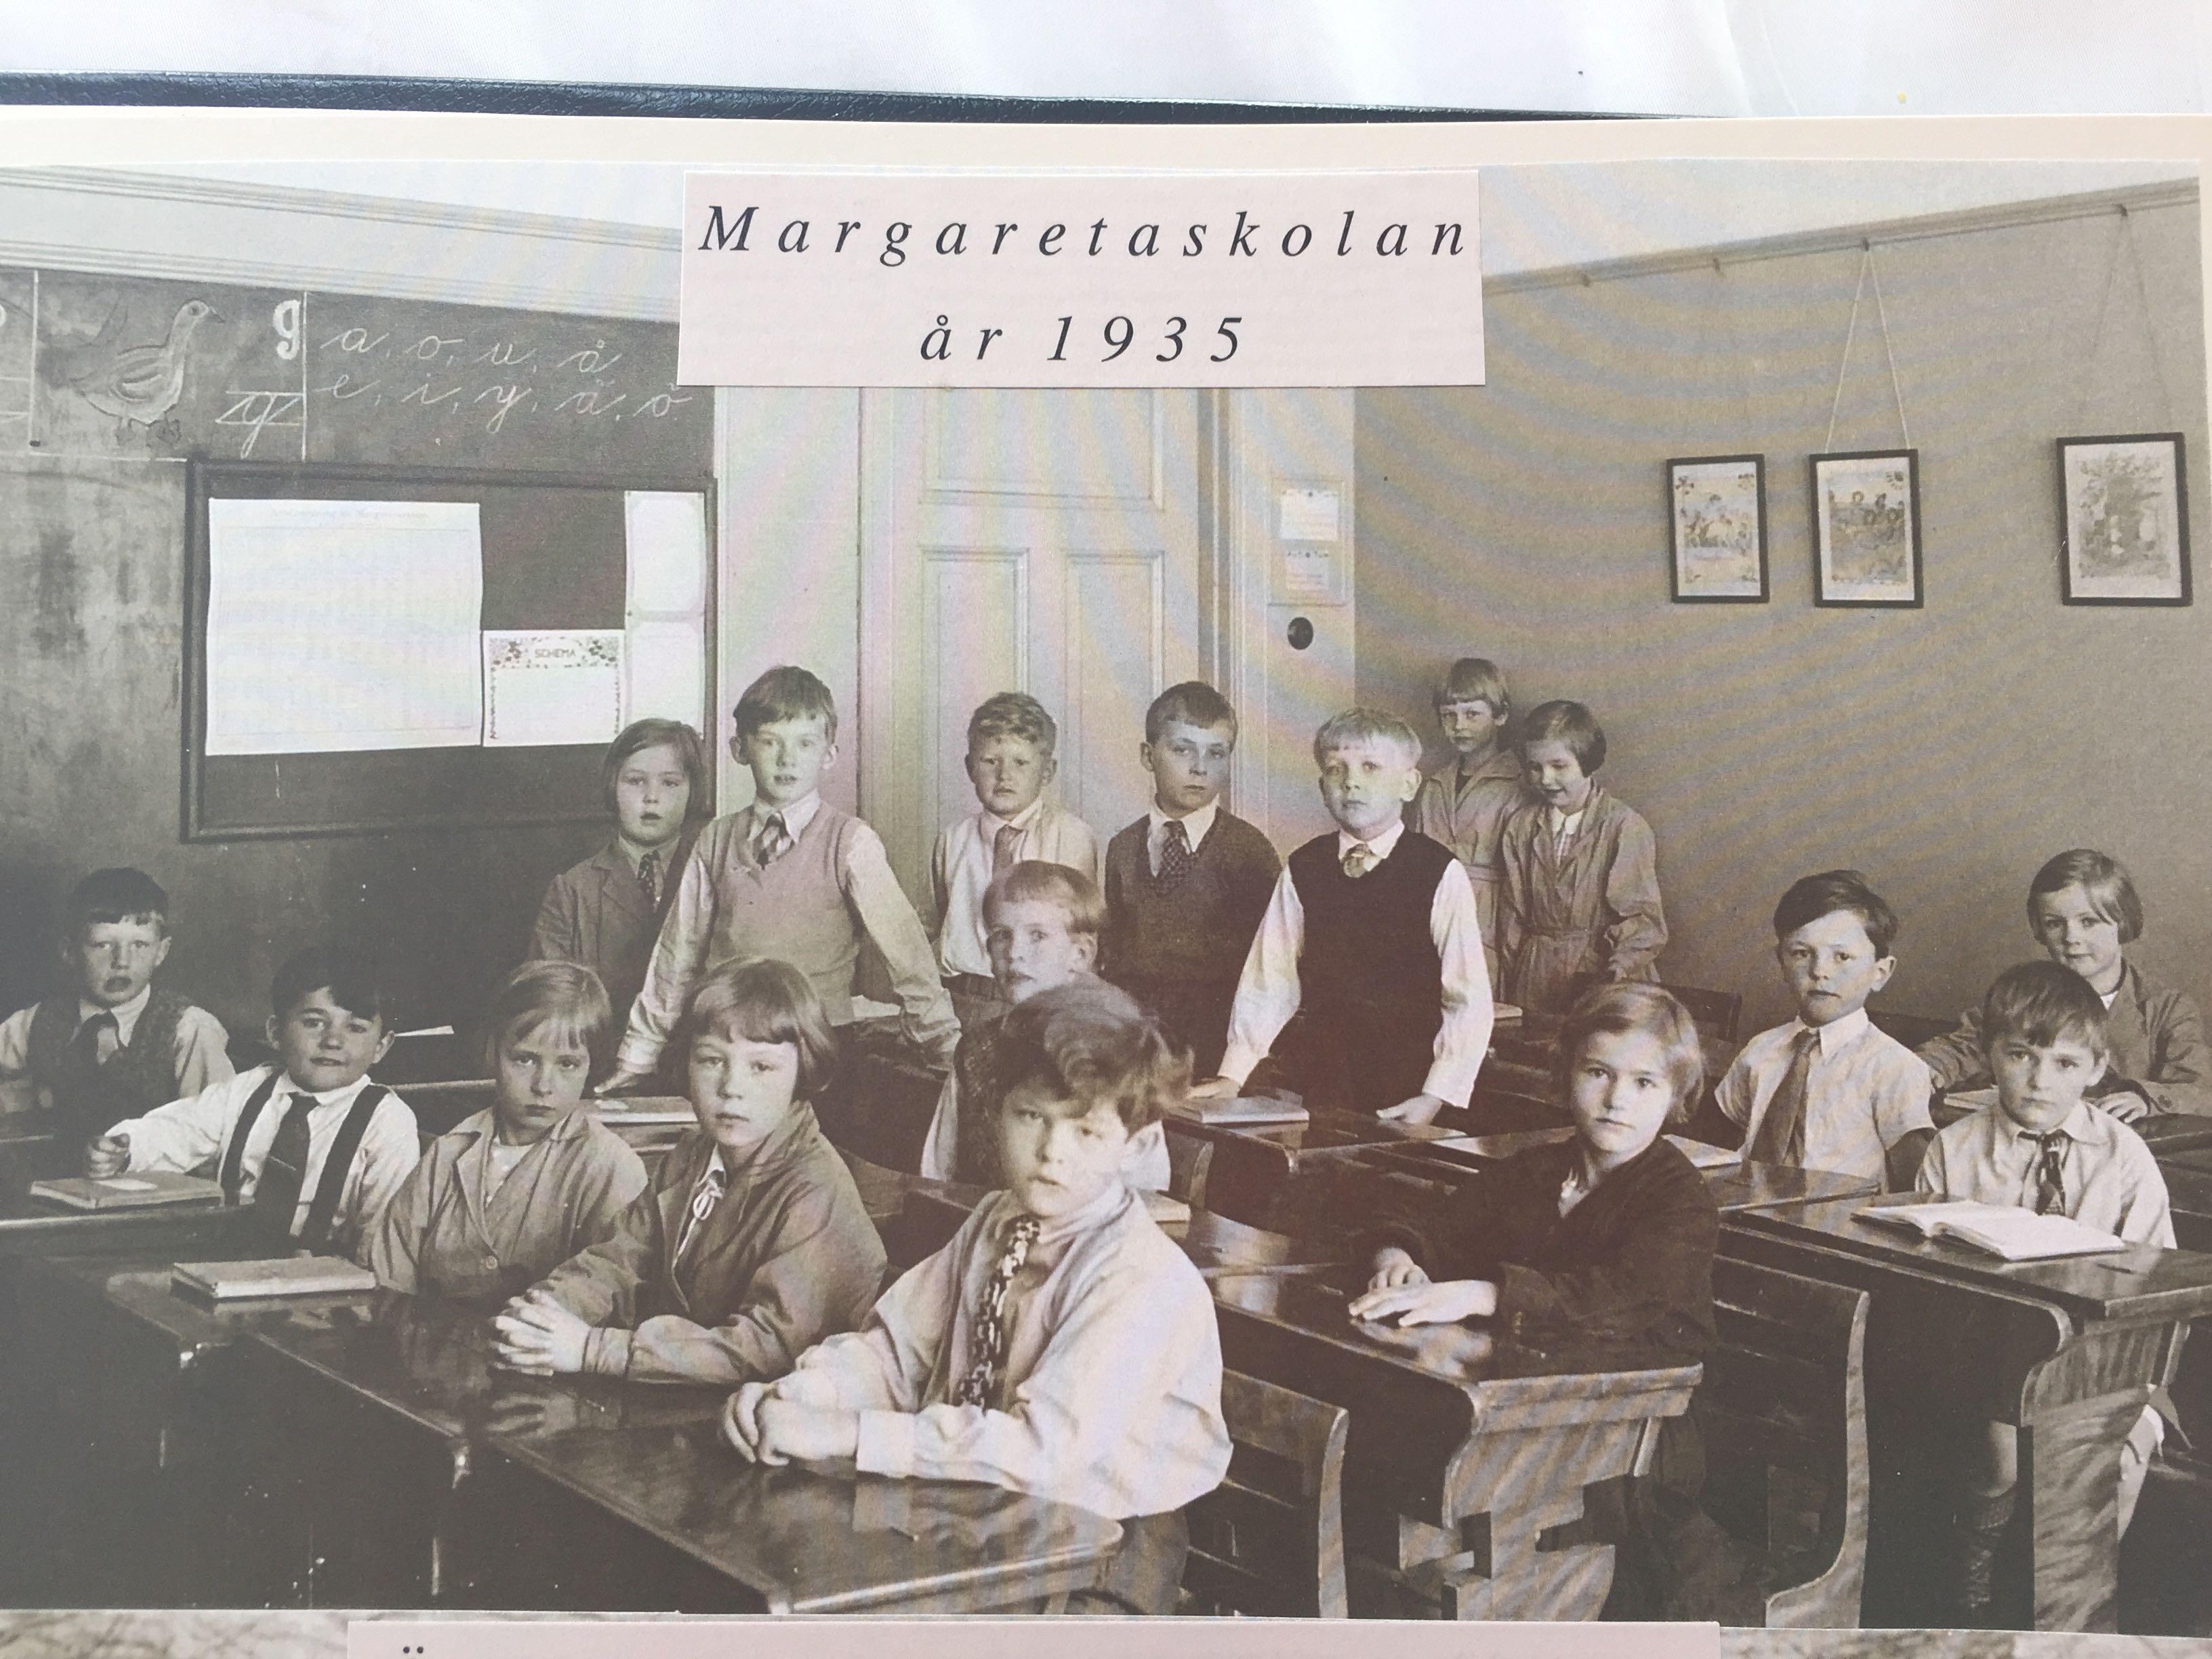 Margaretaskolan